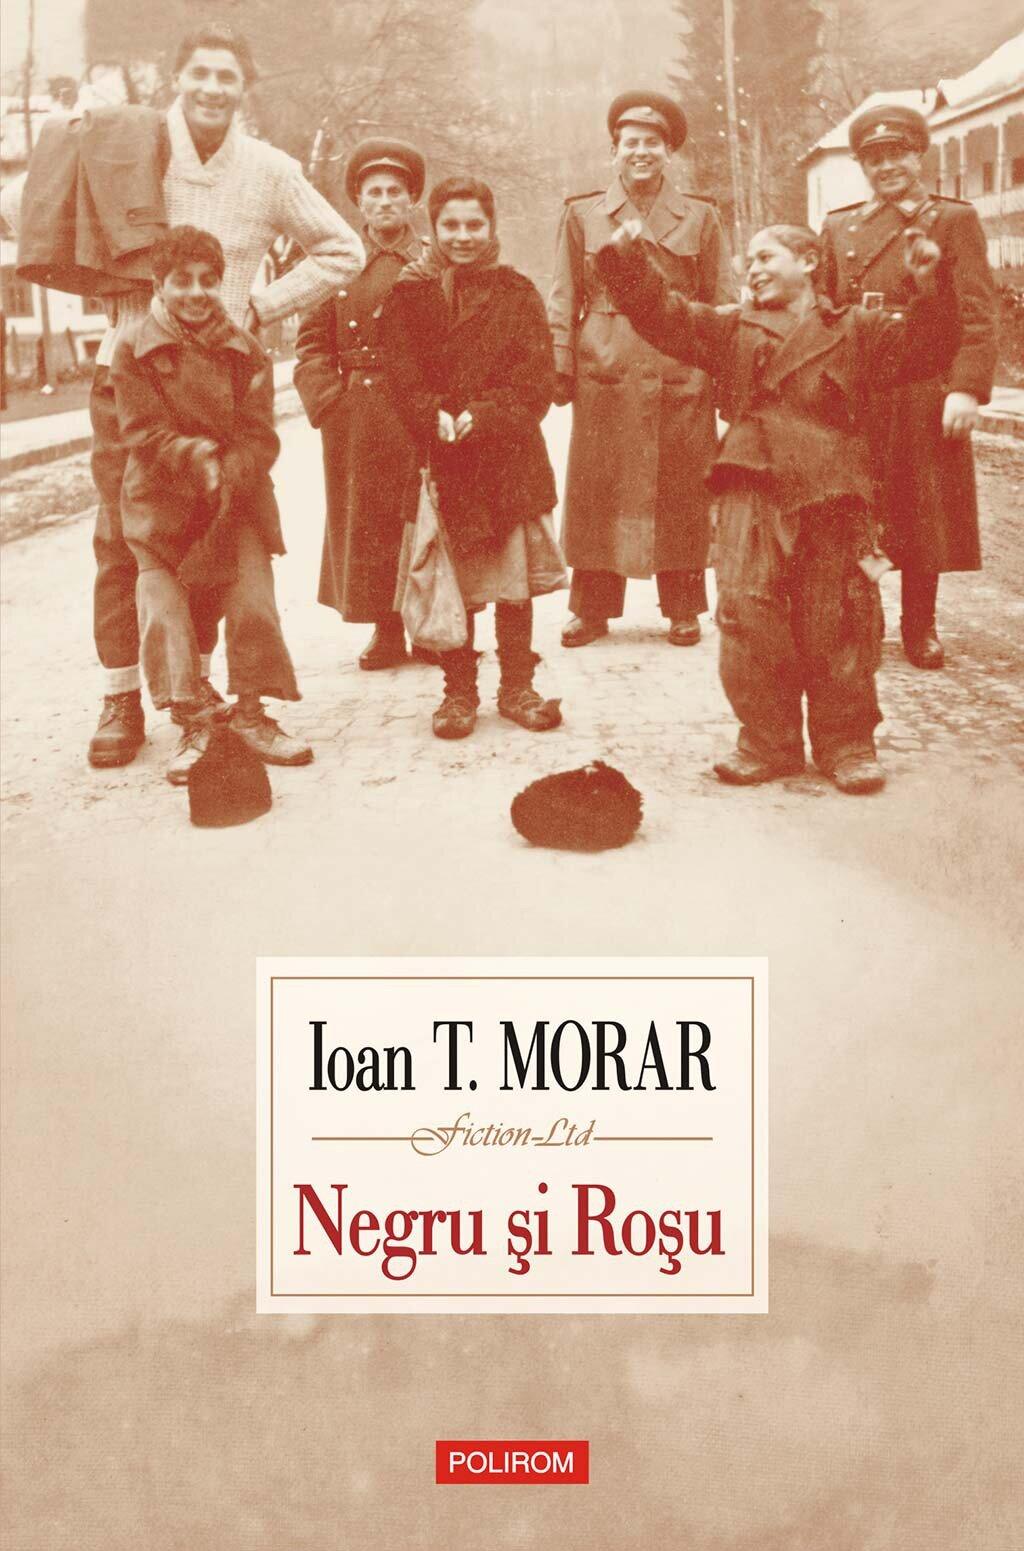 Negru si rosu PDF (Download eBook)